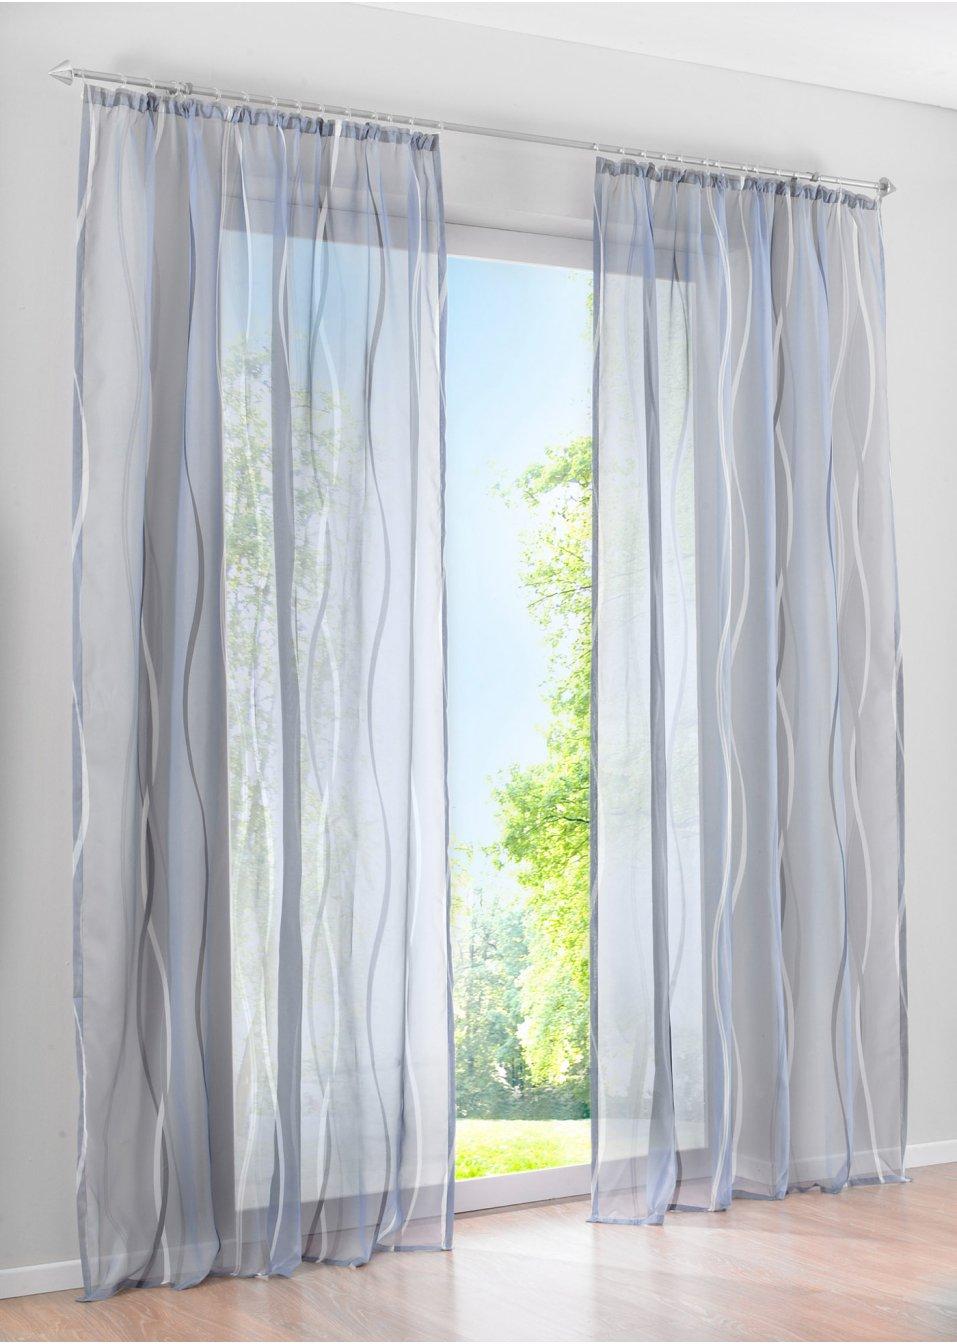 Gardinen wohnzimmer grau: Über . ideen zu ?gardinen auf pinterest ...